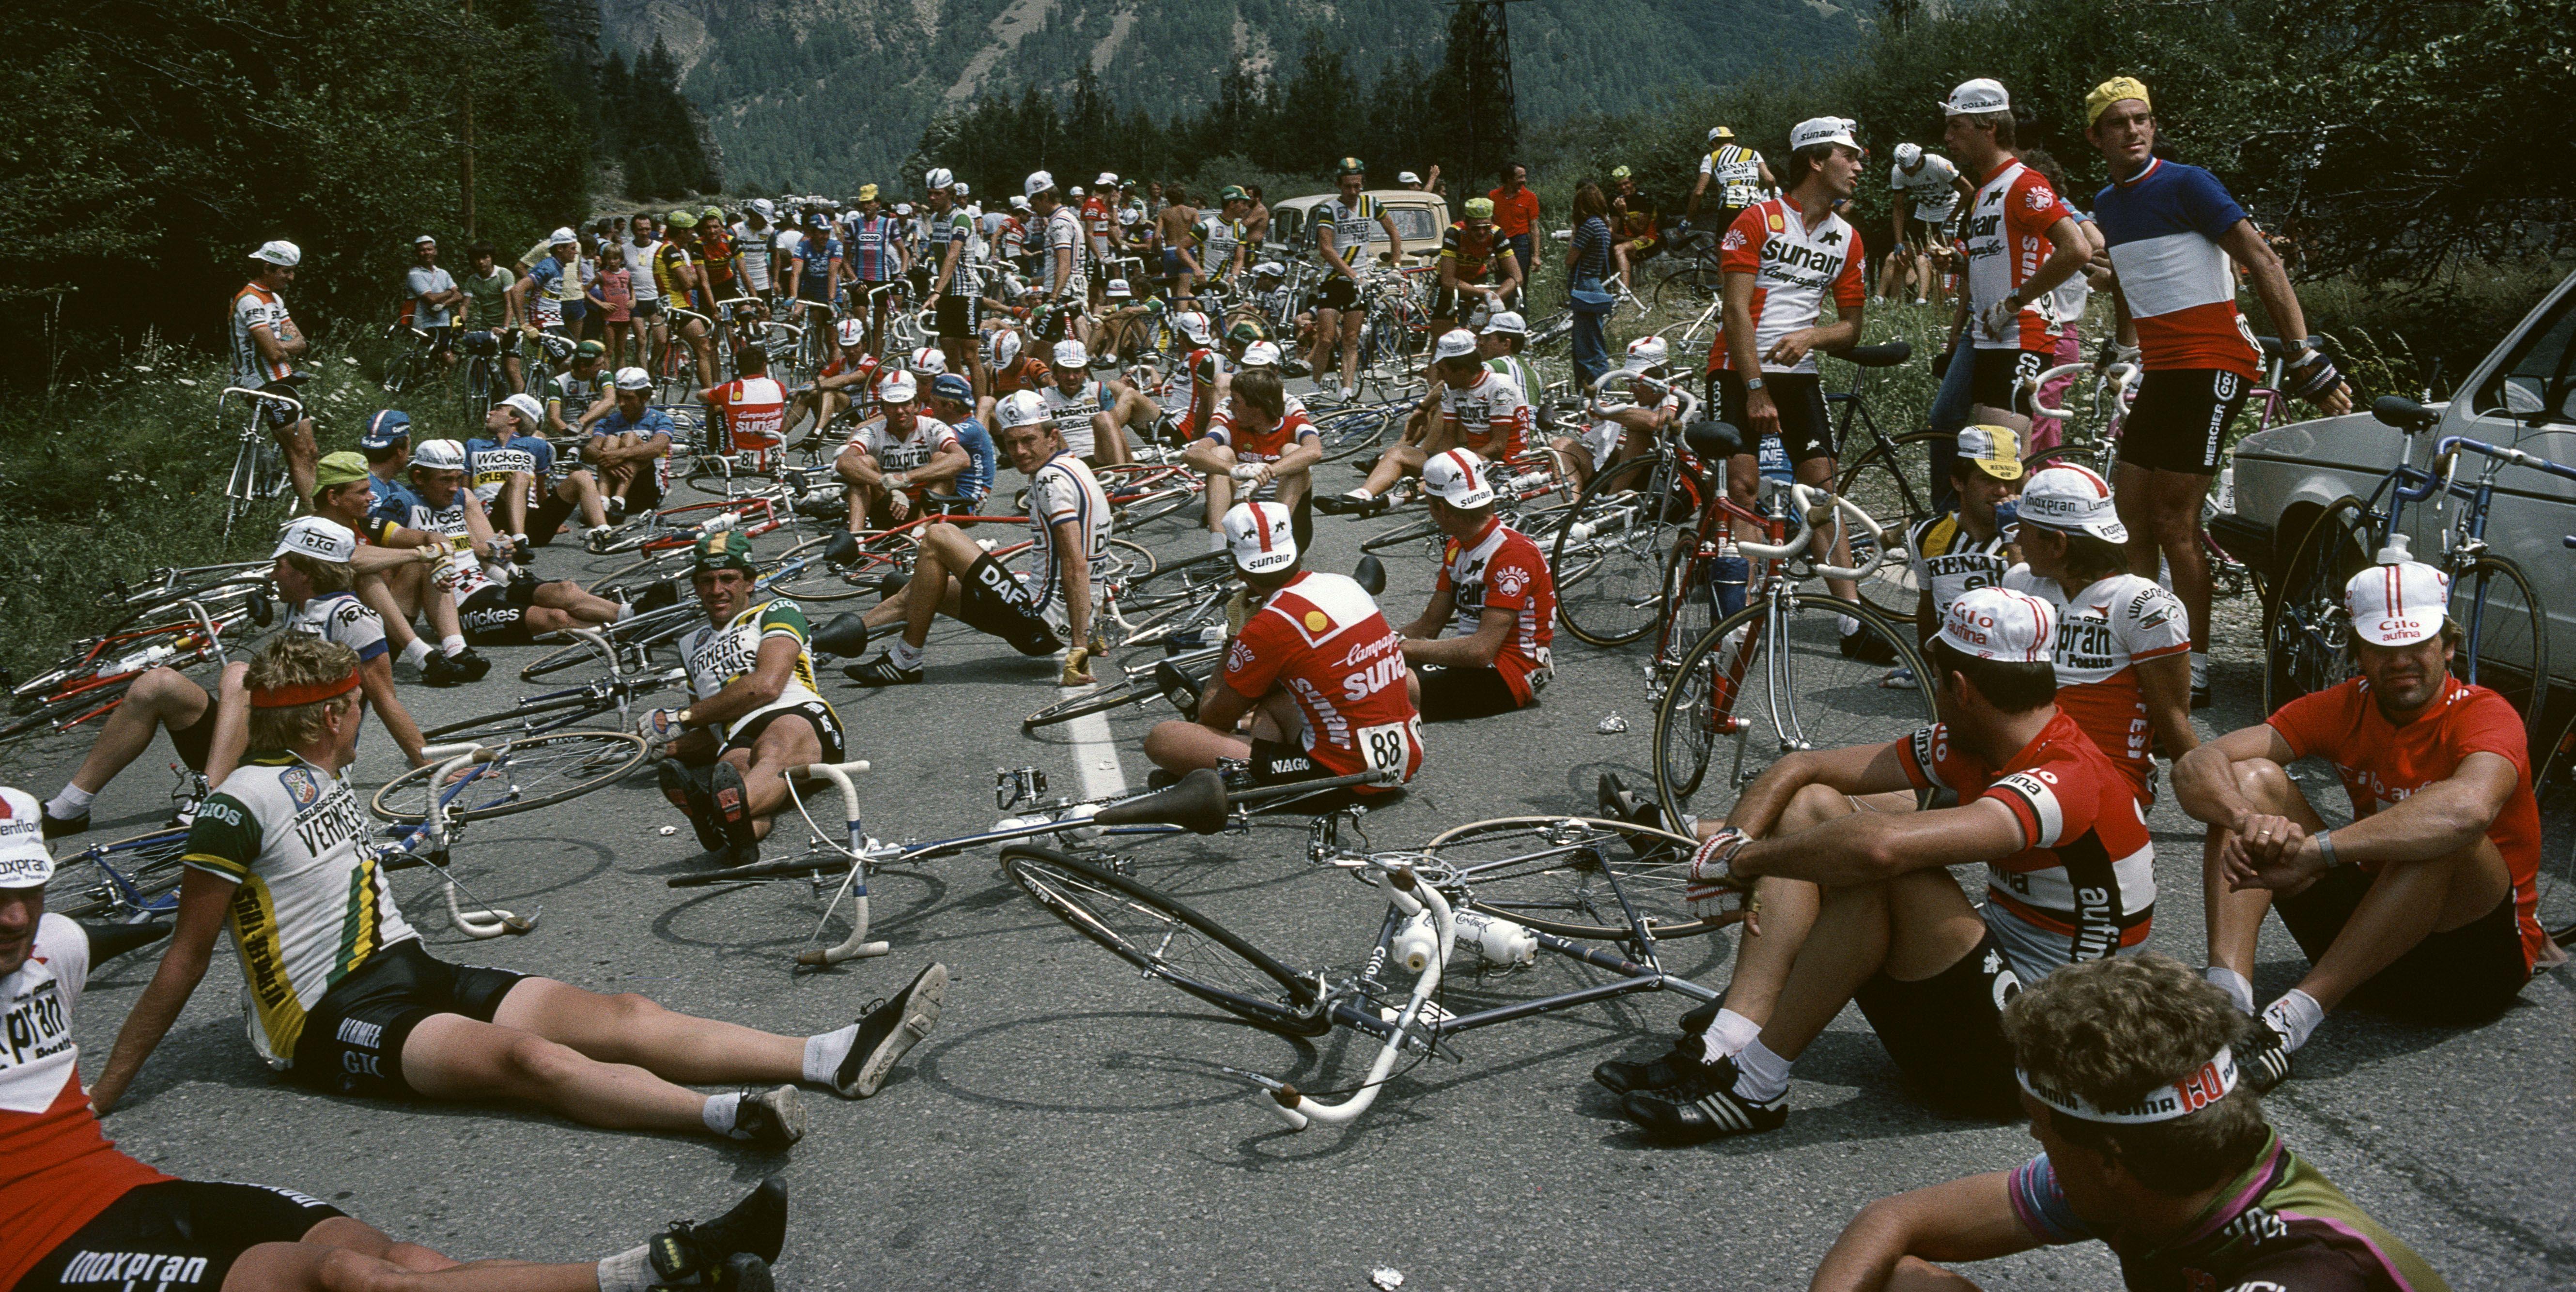 Tour de France, 1982